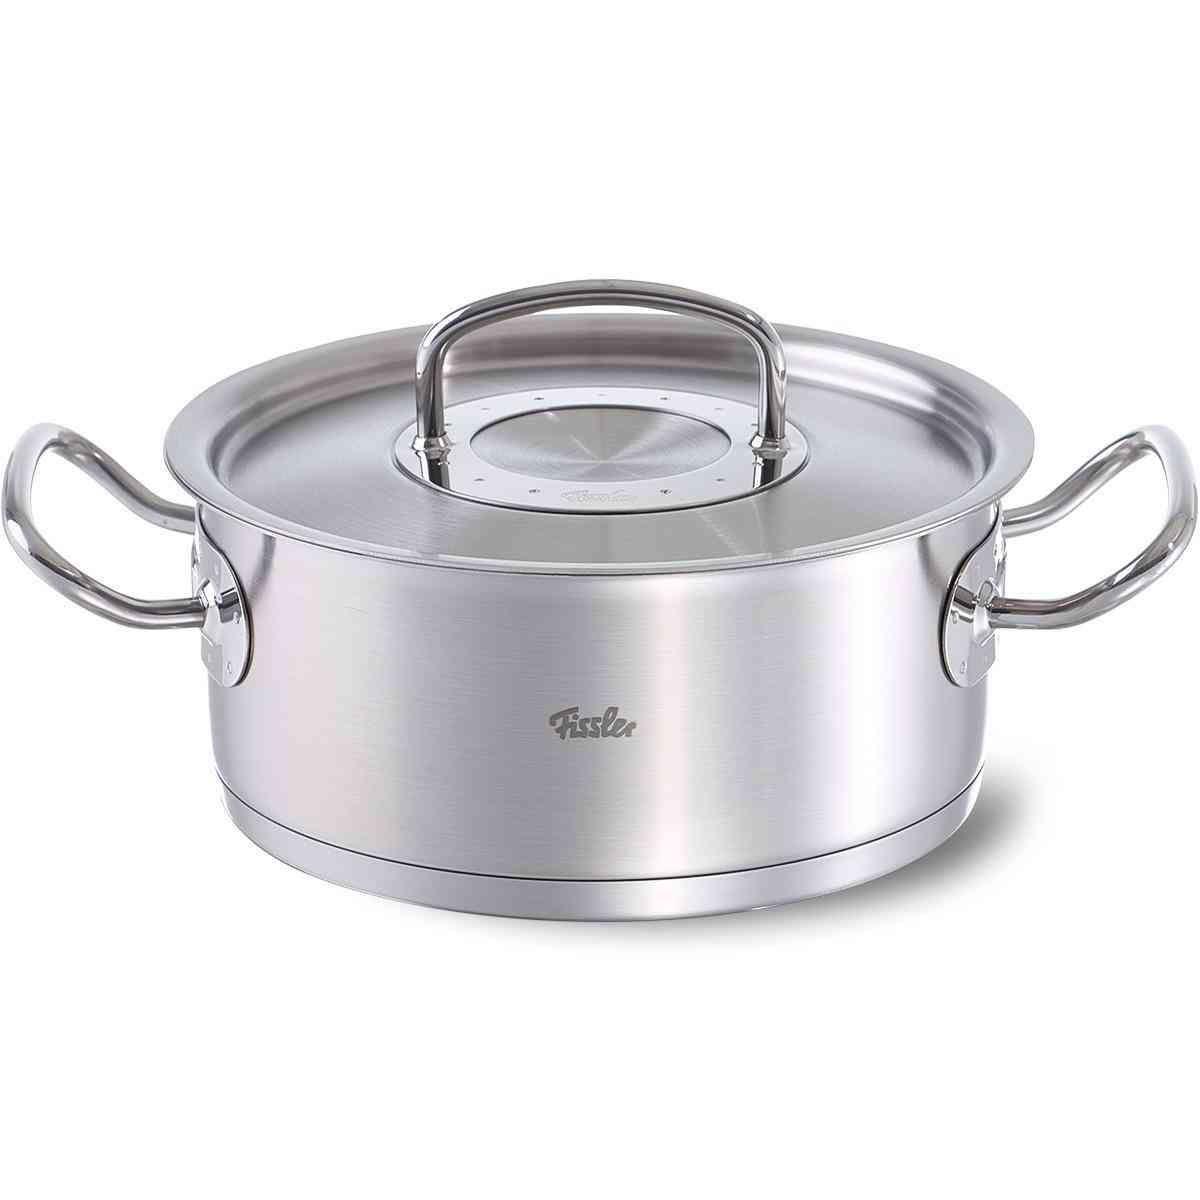 original-profi collection casserole 28 cm